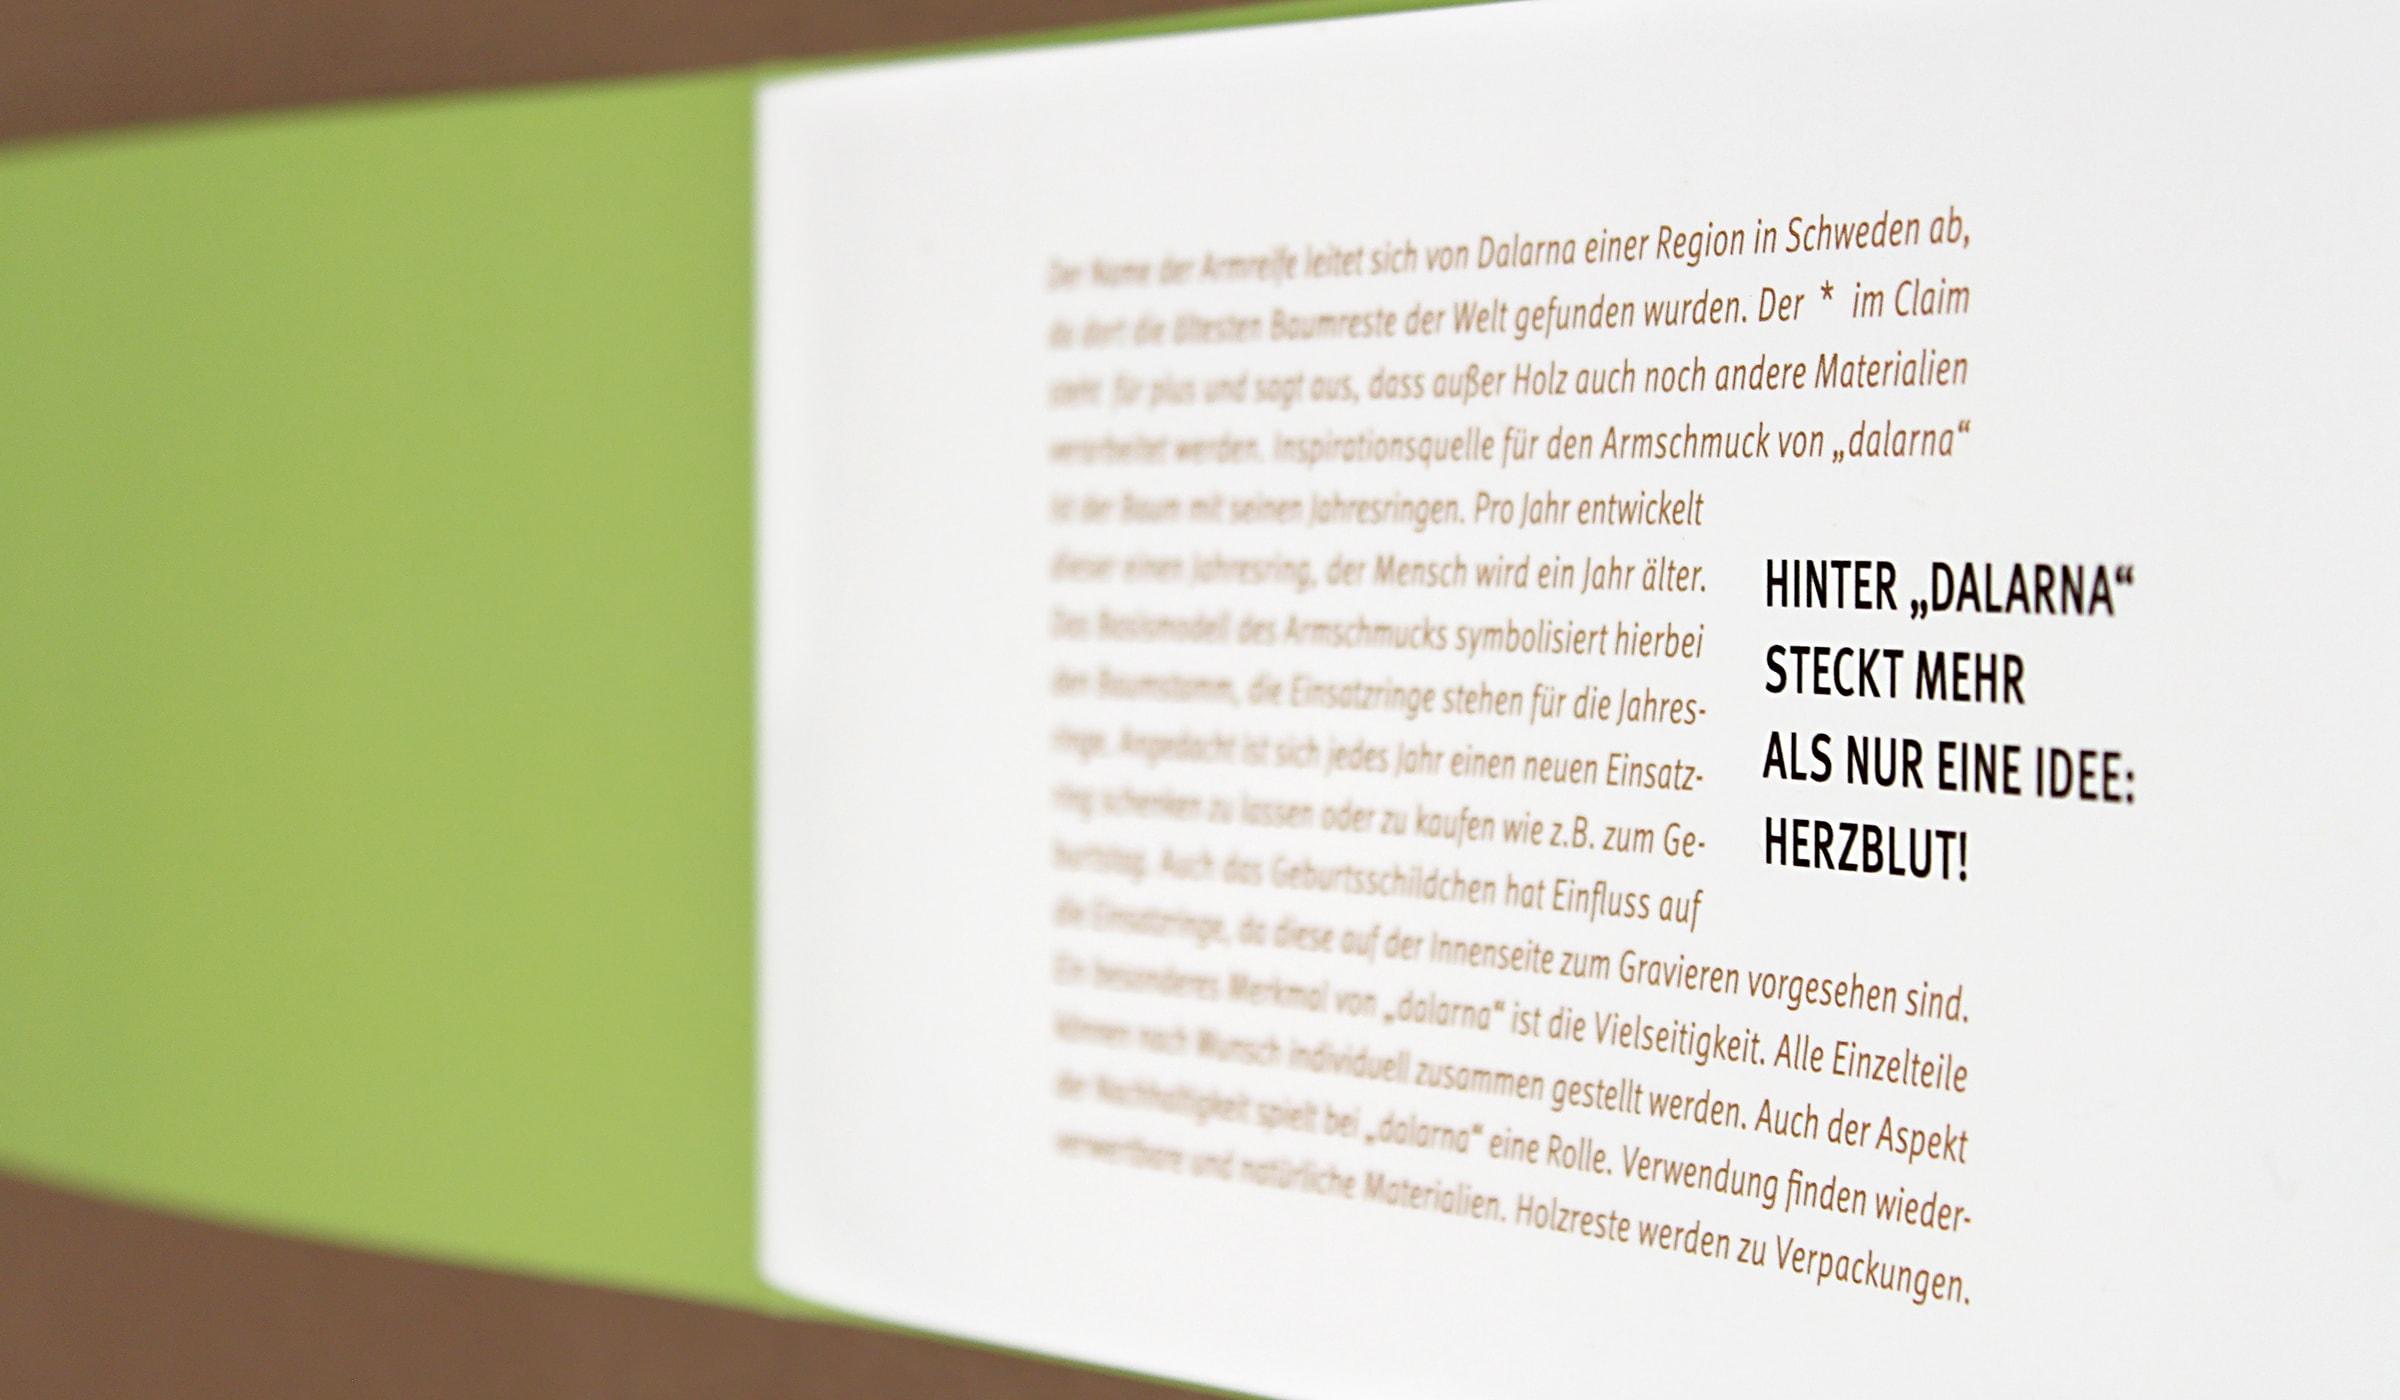 Konzeptarbeit ~ Produktentwicklung & Vermarktung ~ Werbemittel ~ Imagebroschüre // dalarna // Branding/ Brand Design/ Corporate Design/ Logo/ KERSTIN MICHELS – DESIGN/ Designagentur/ Werbeagentur/Grafikdesign/ Kommunikationsdesign/ Hermeskeil/ Hochwald/ Trier/ Rheinland-Pfalz/ Werbung/ Design